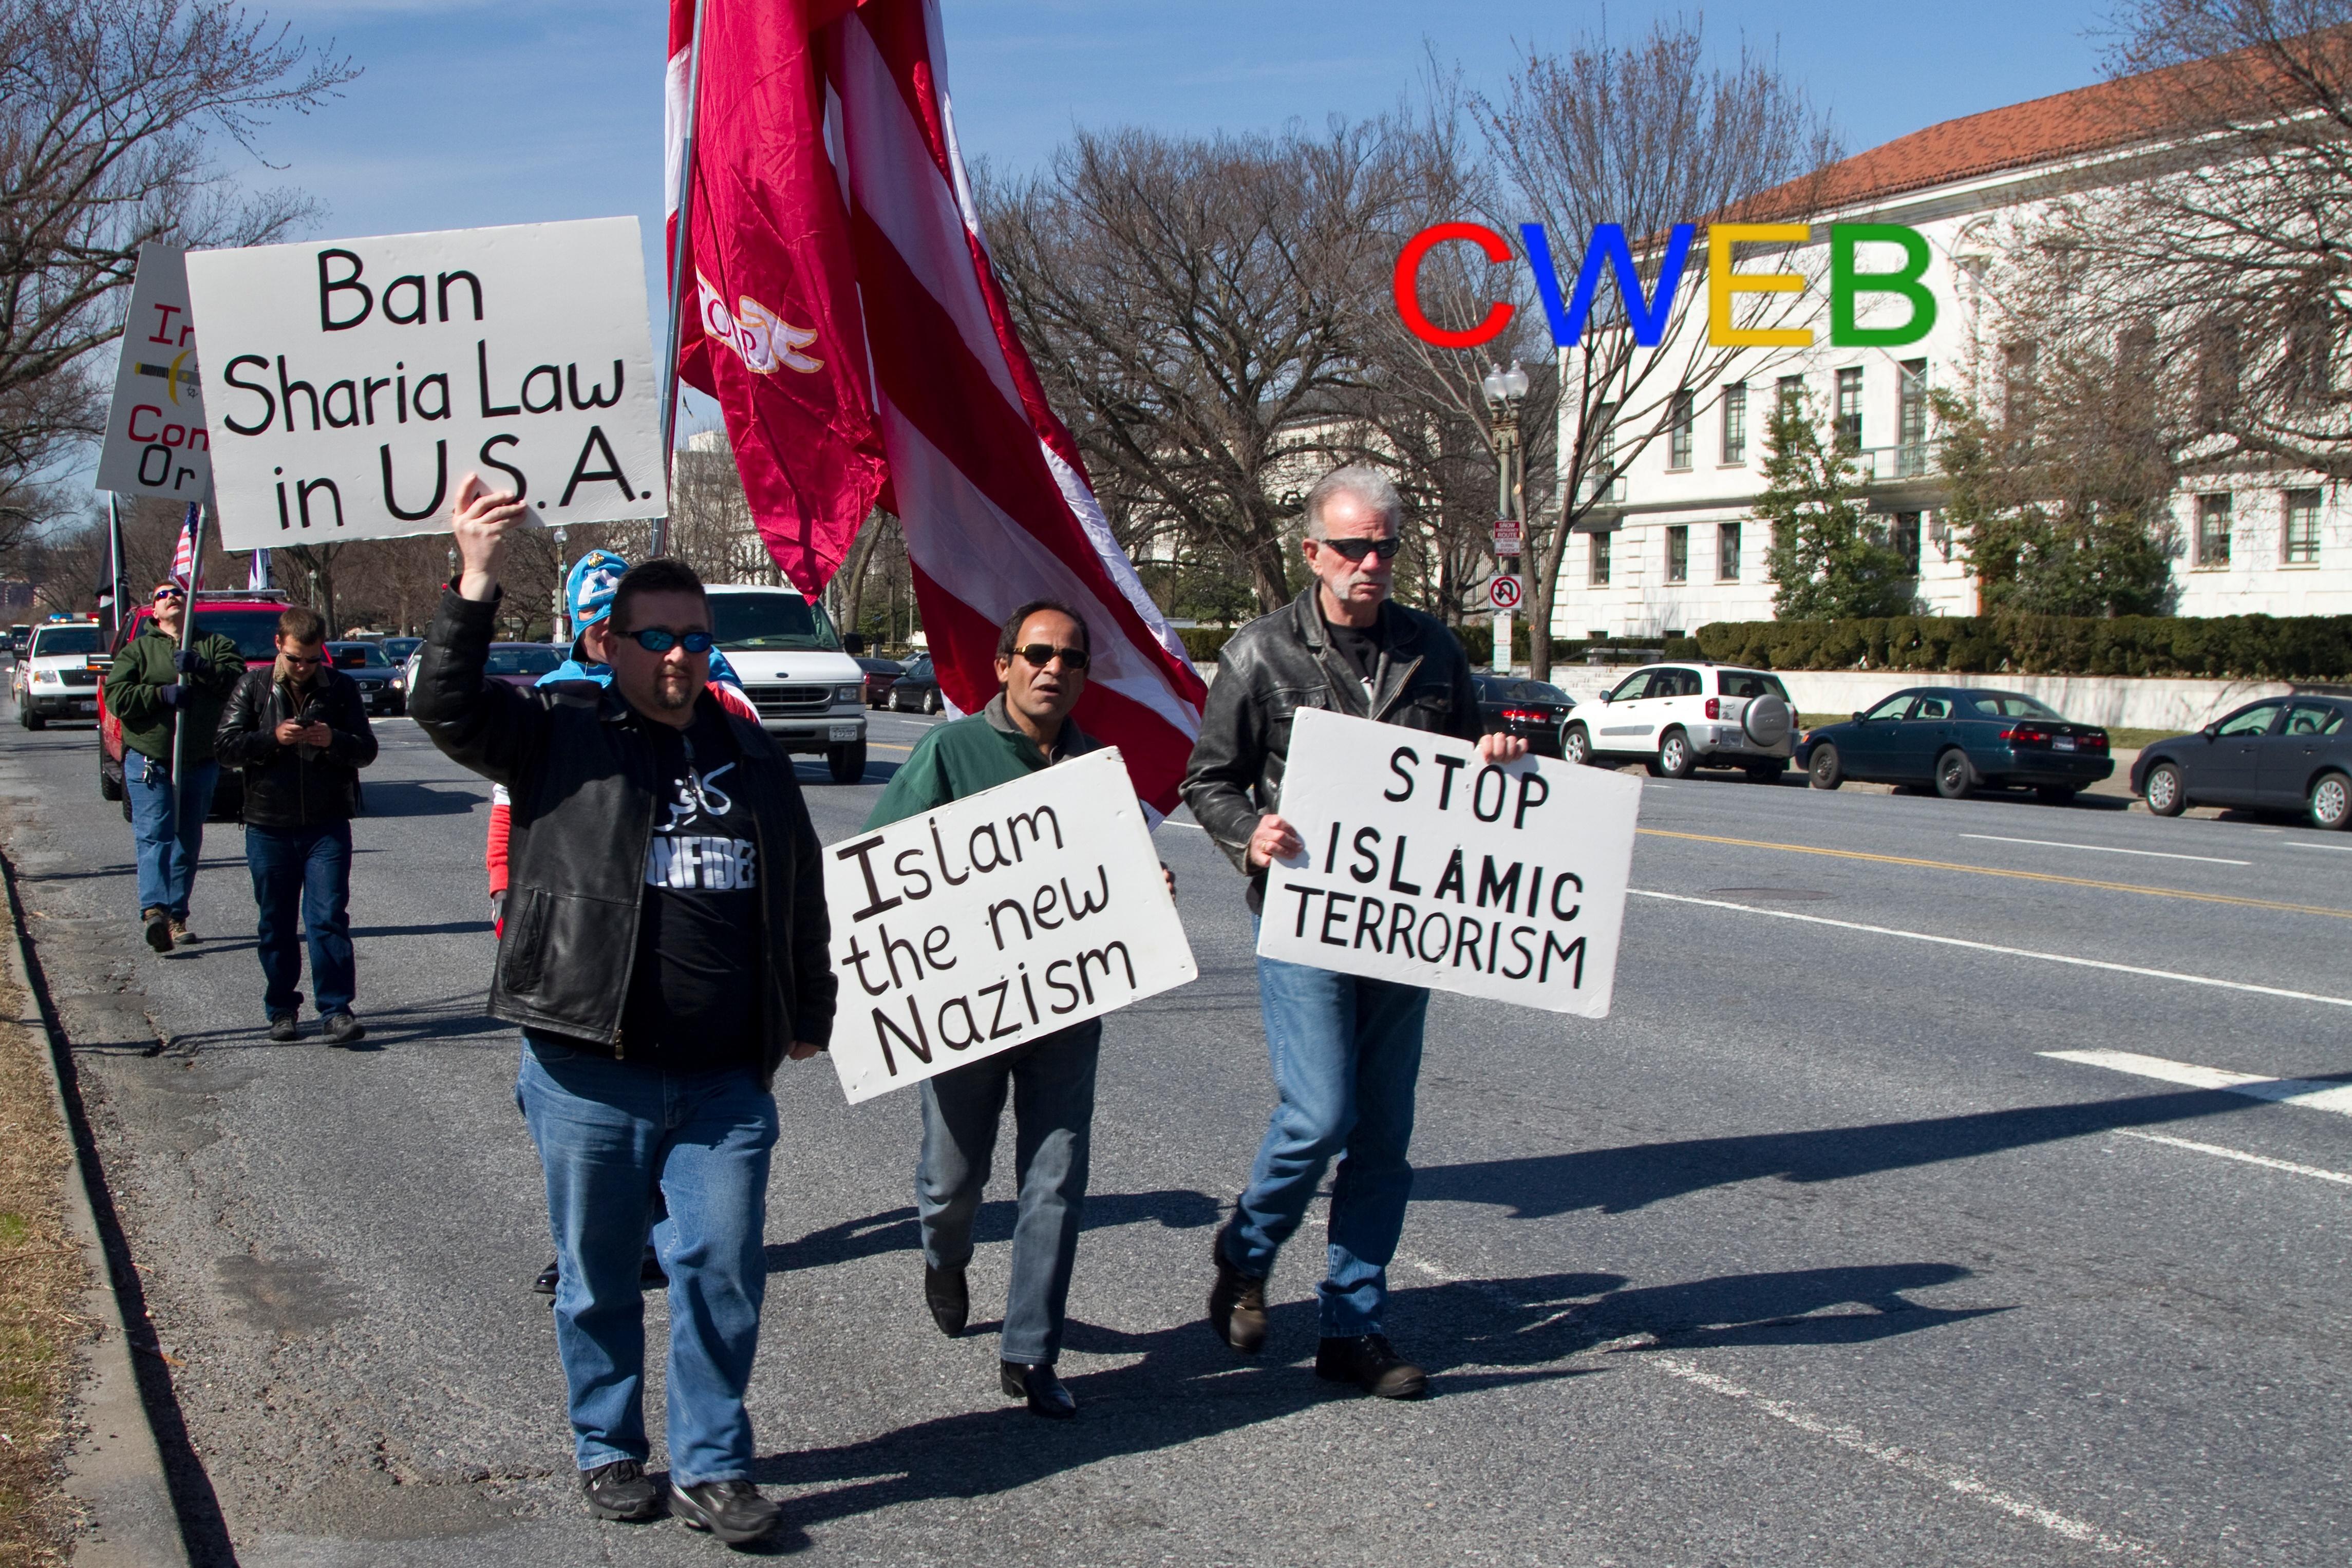 Pastor_Terry_Jones_Marching_in_DC.jpg